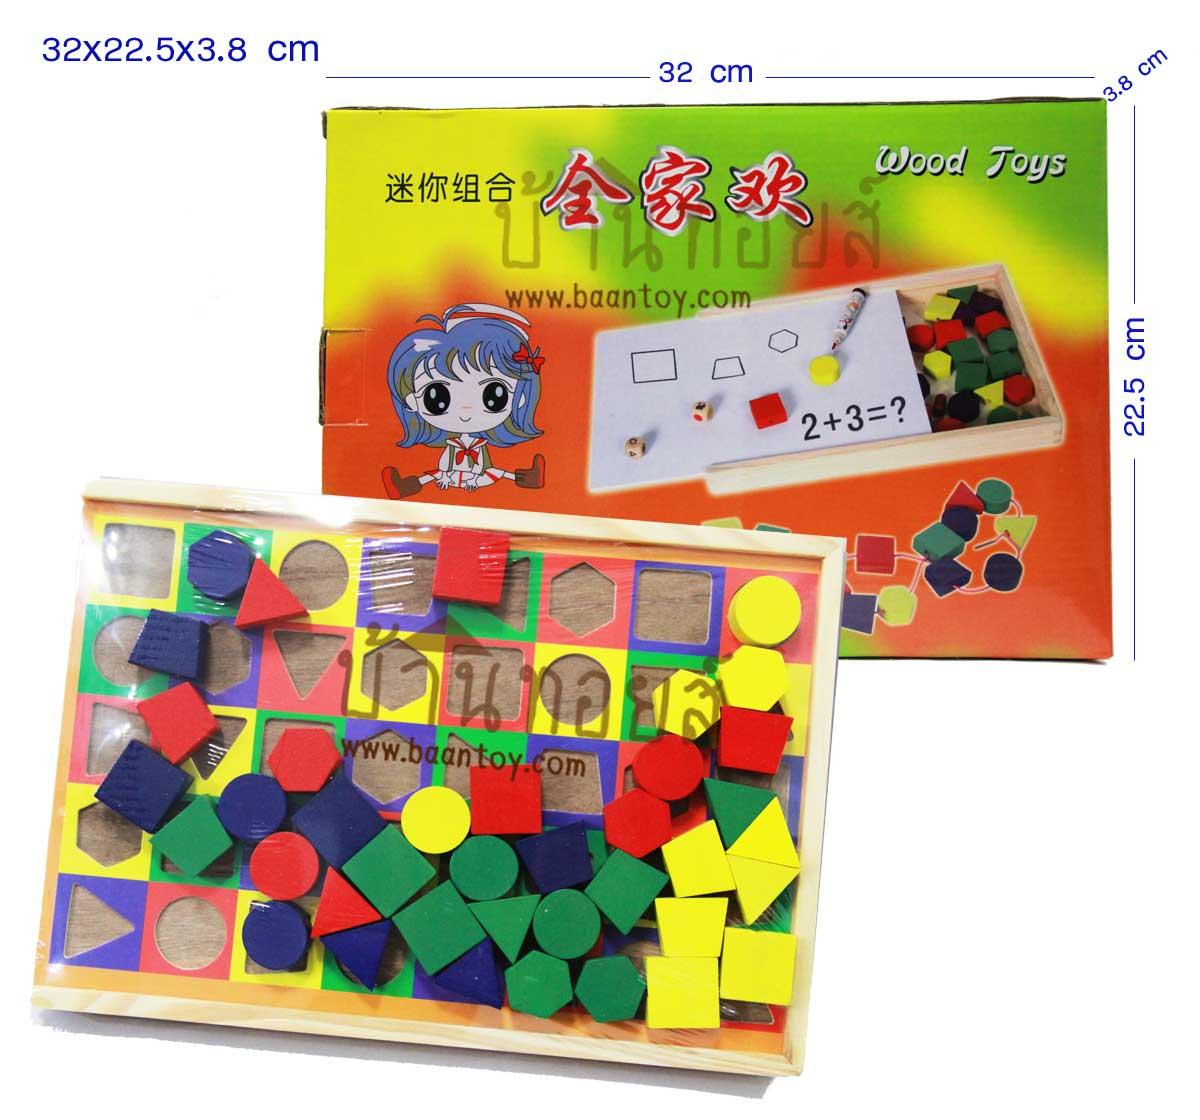 ของเล่นสื่อการสอน ของเล่นไม้ร้อยเชือก บล็อกรูปทรงเรขาคณิต ในกล่องไม้ฝาสไลด์ ด้านฝากล่องเป็นกระดานสำหรับจับคู่เงารูปทรงเรขาคณิต และกระดานไวท์บอร์ดสำหรับบวาดขีดเขียน